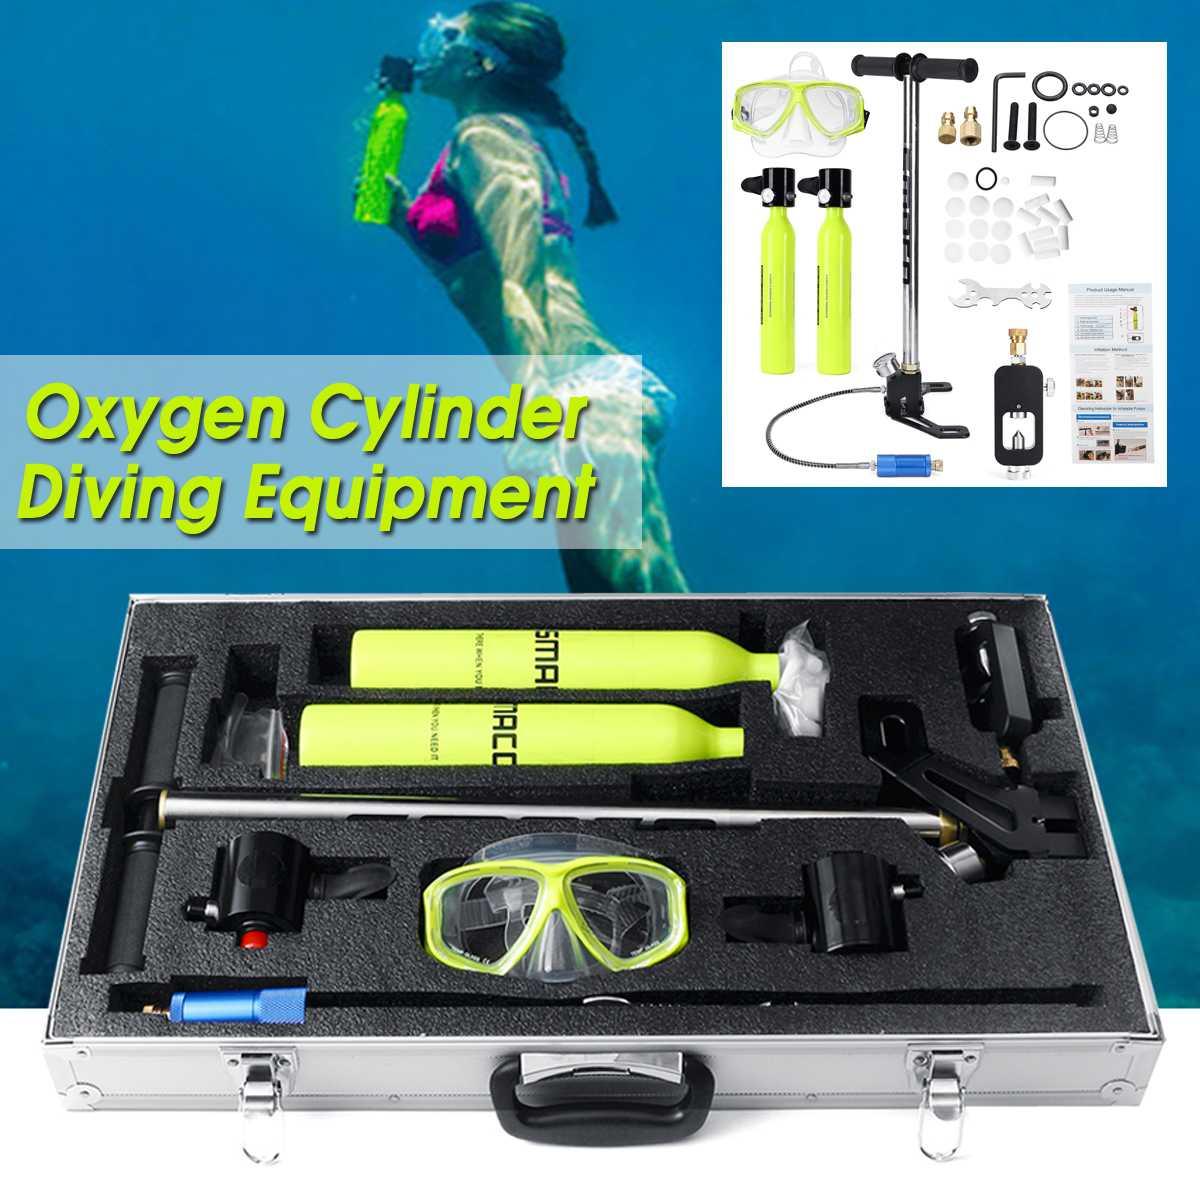 Deux cylindre à oxygène Réservoir D'air Mini matériel de plongée sous-marine De Rechange Respiration Du Réservoir Régulateur de Vitesse w/Boîte Liberté Souffle Sous-Marine